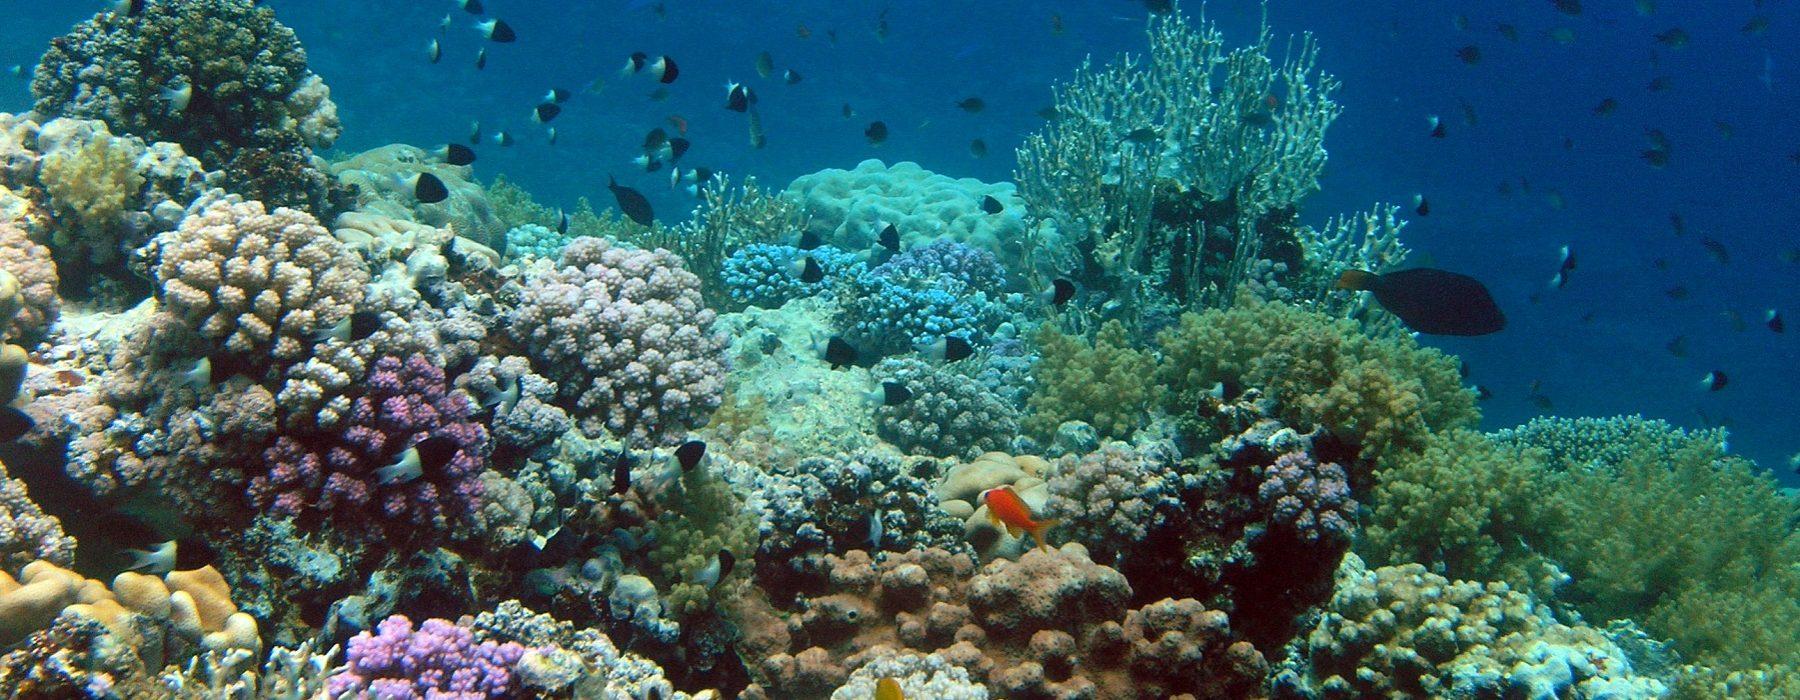 ras-abu-galum-coral-reef-header